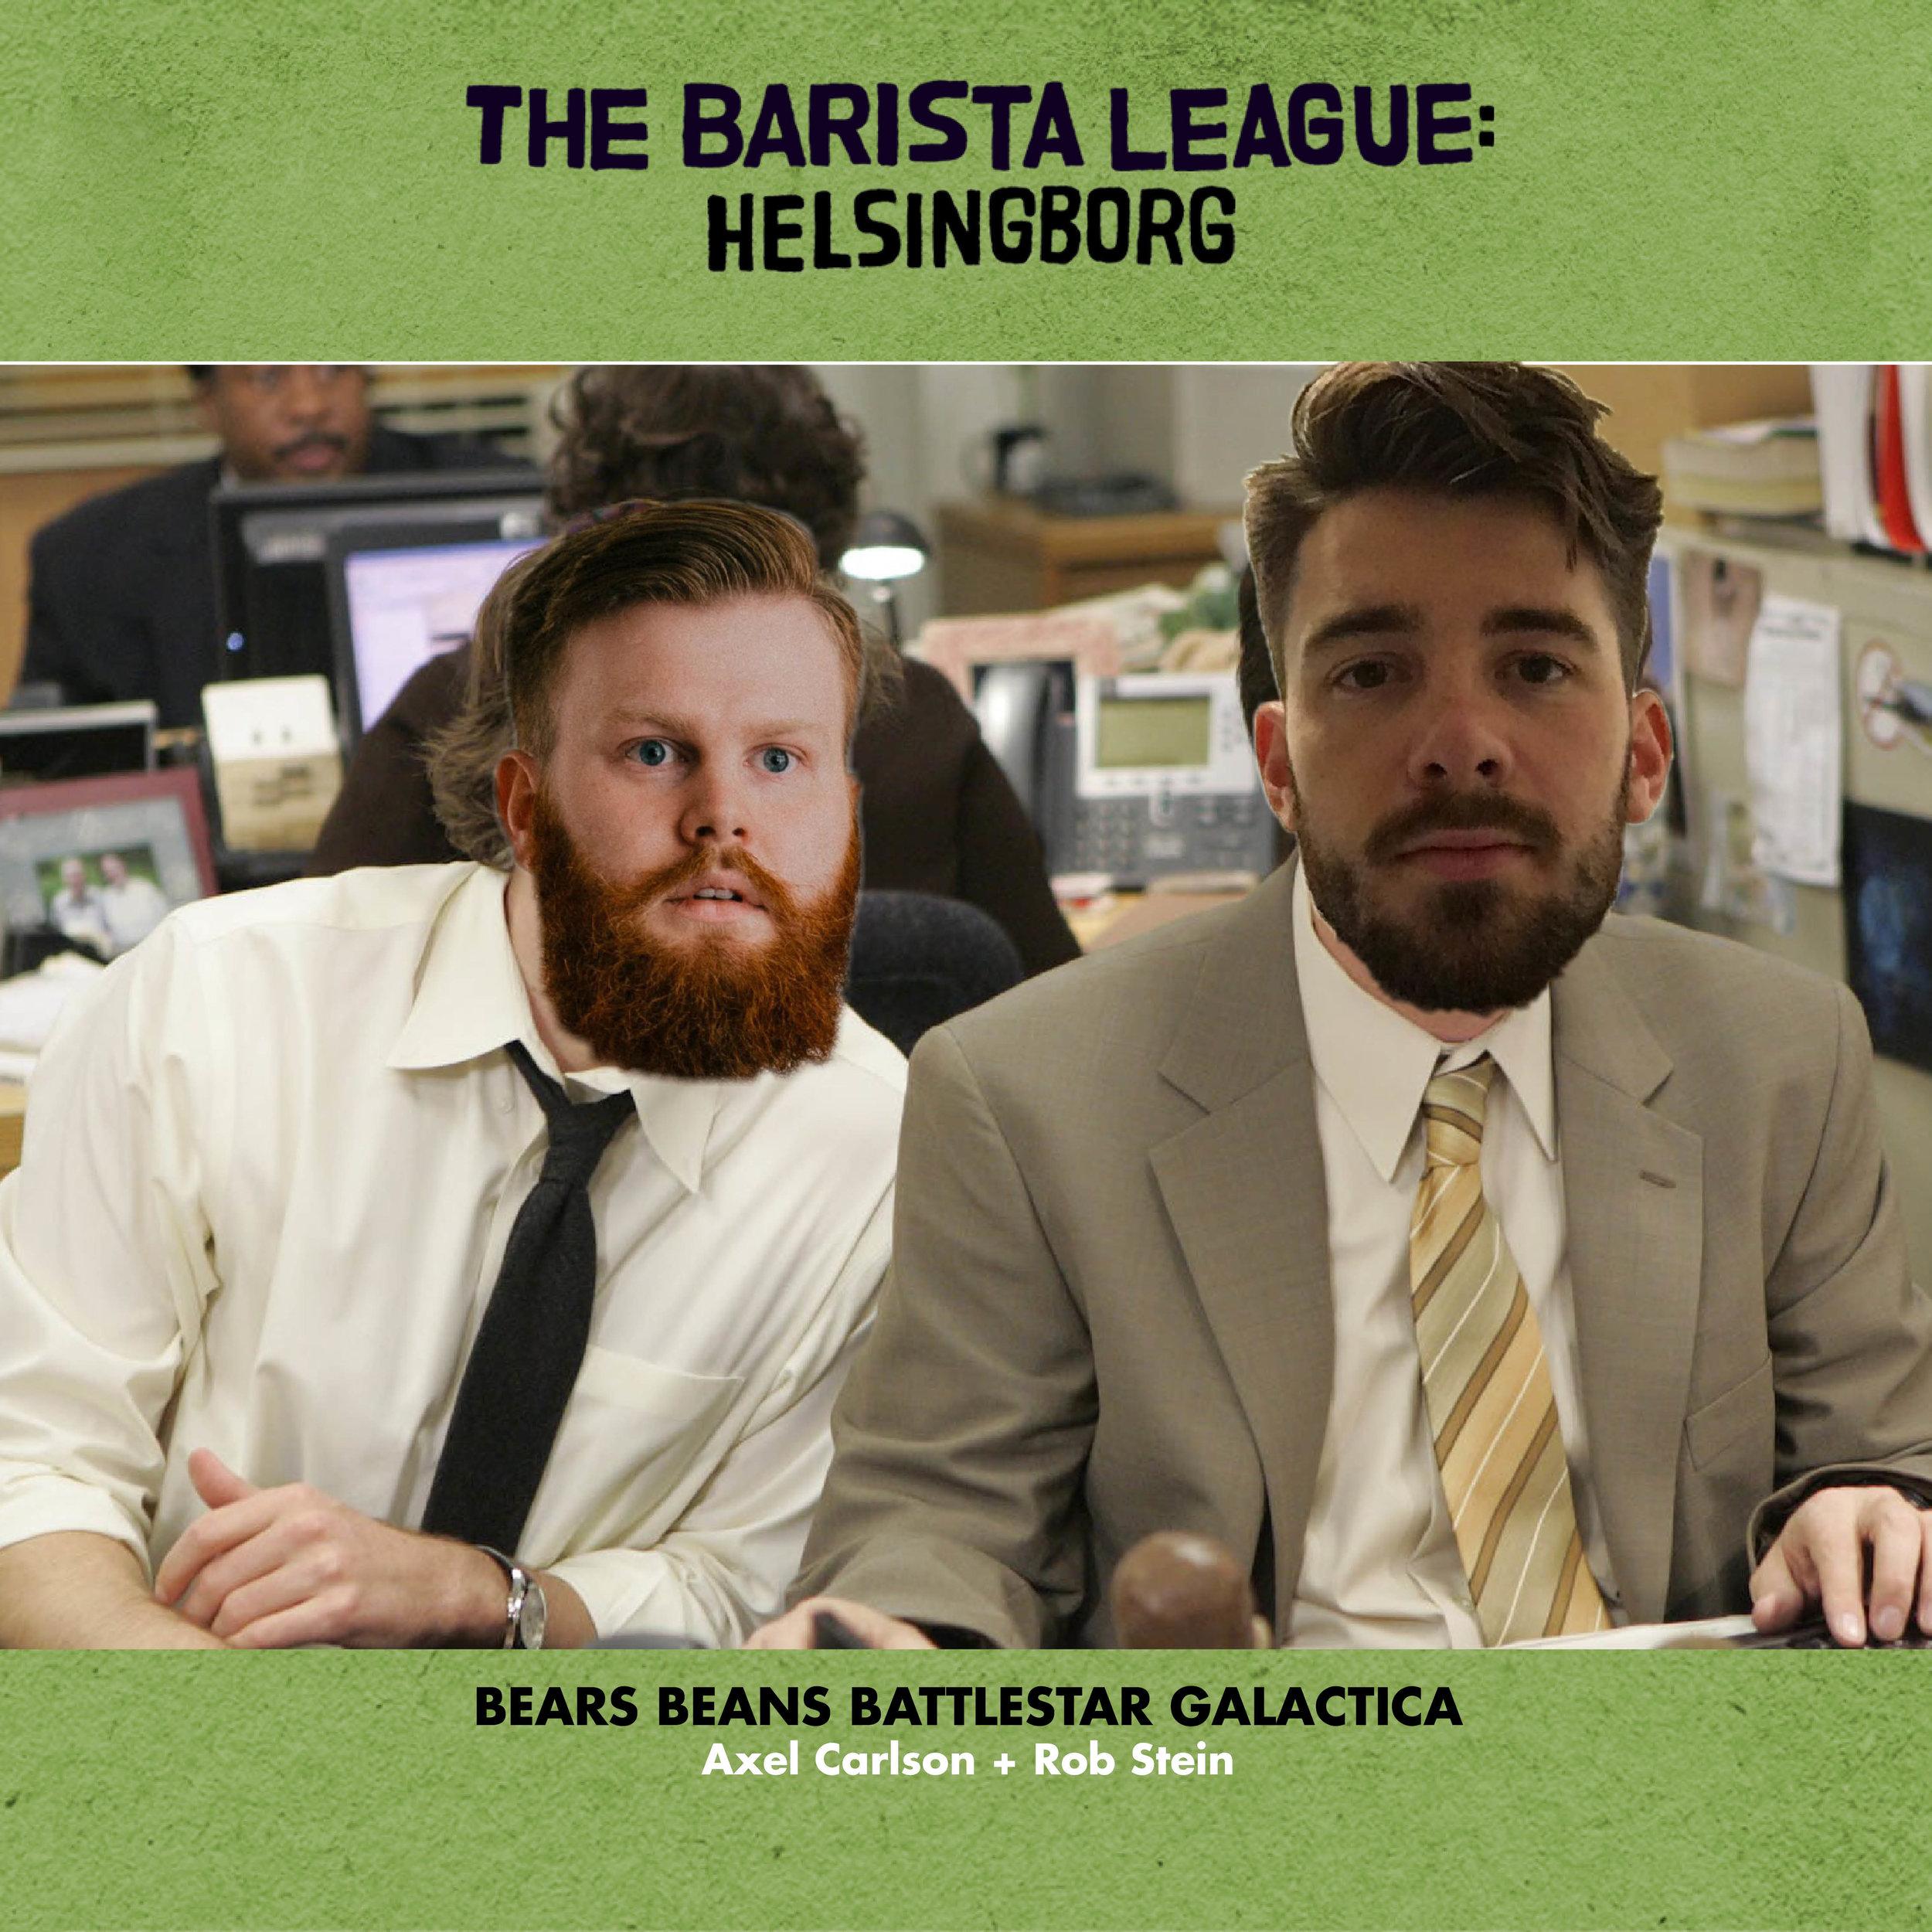 Bears beans battlestar.jpg